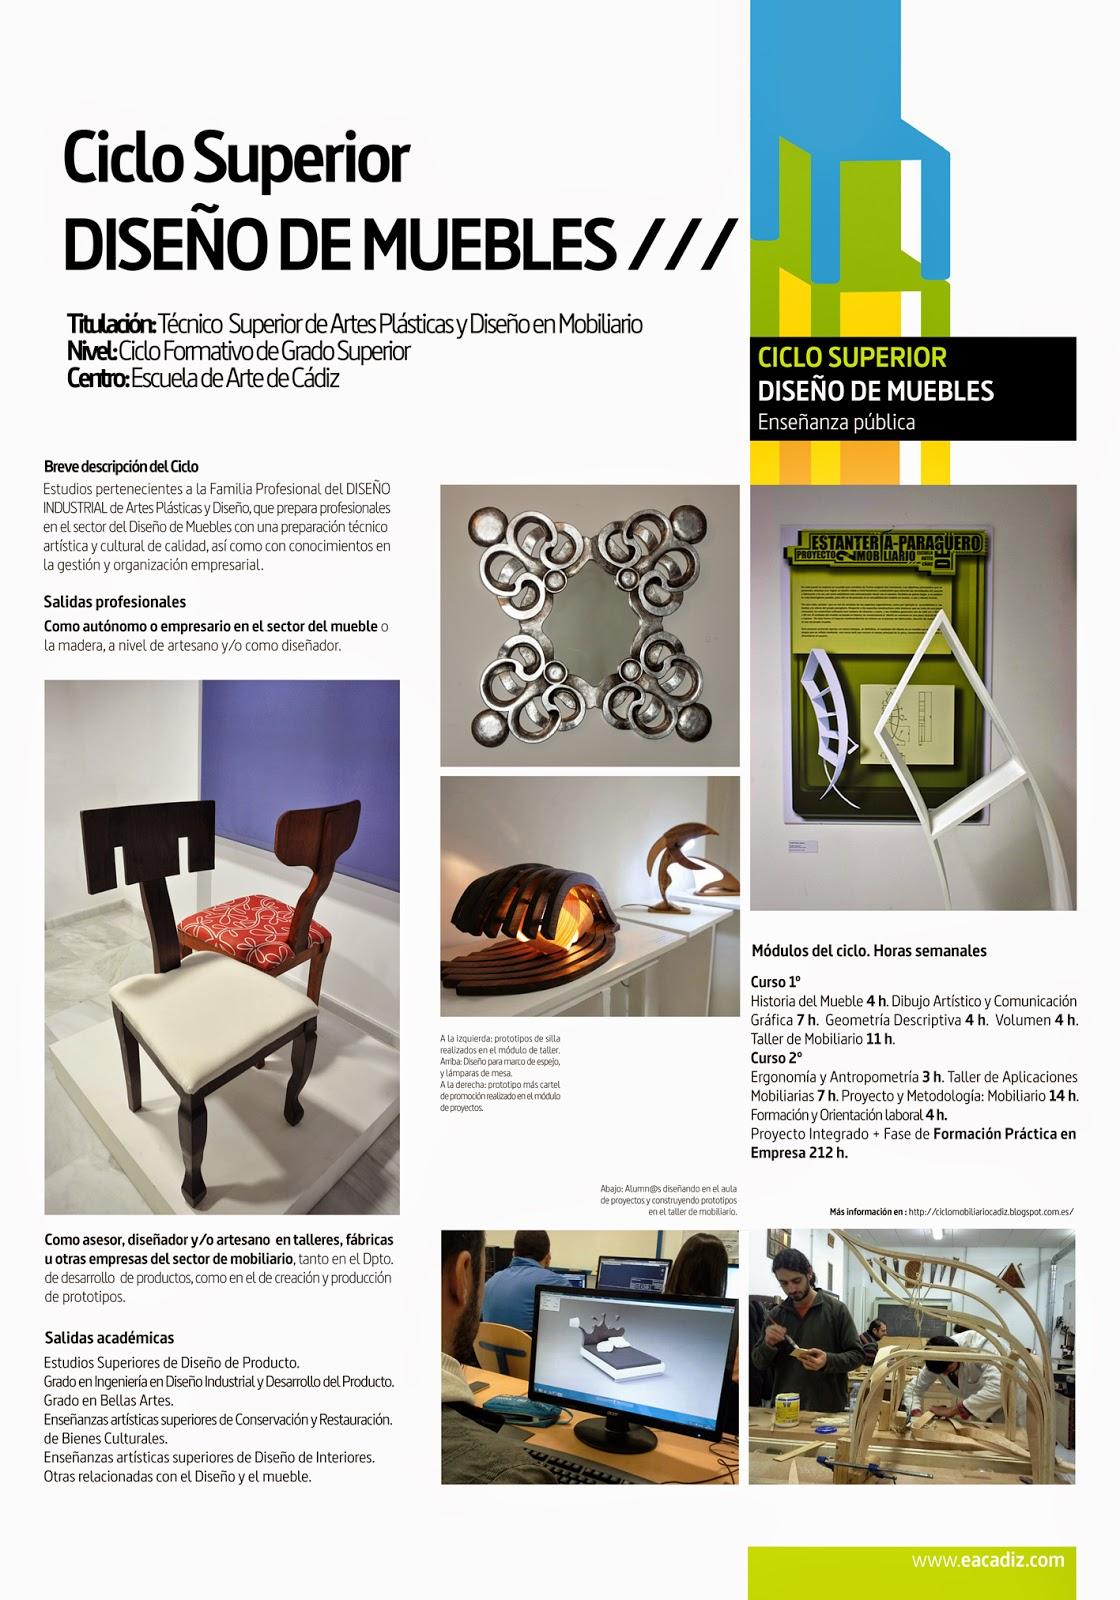 Ciclo De Diseño De Mobiliario Escuela De Arte De Cádiz